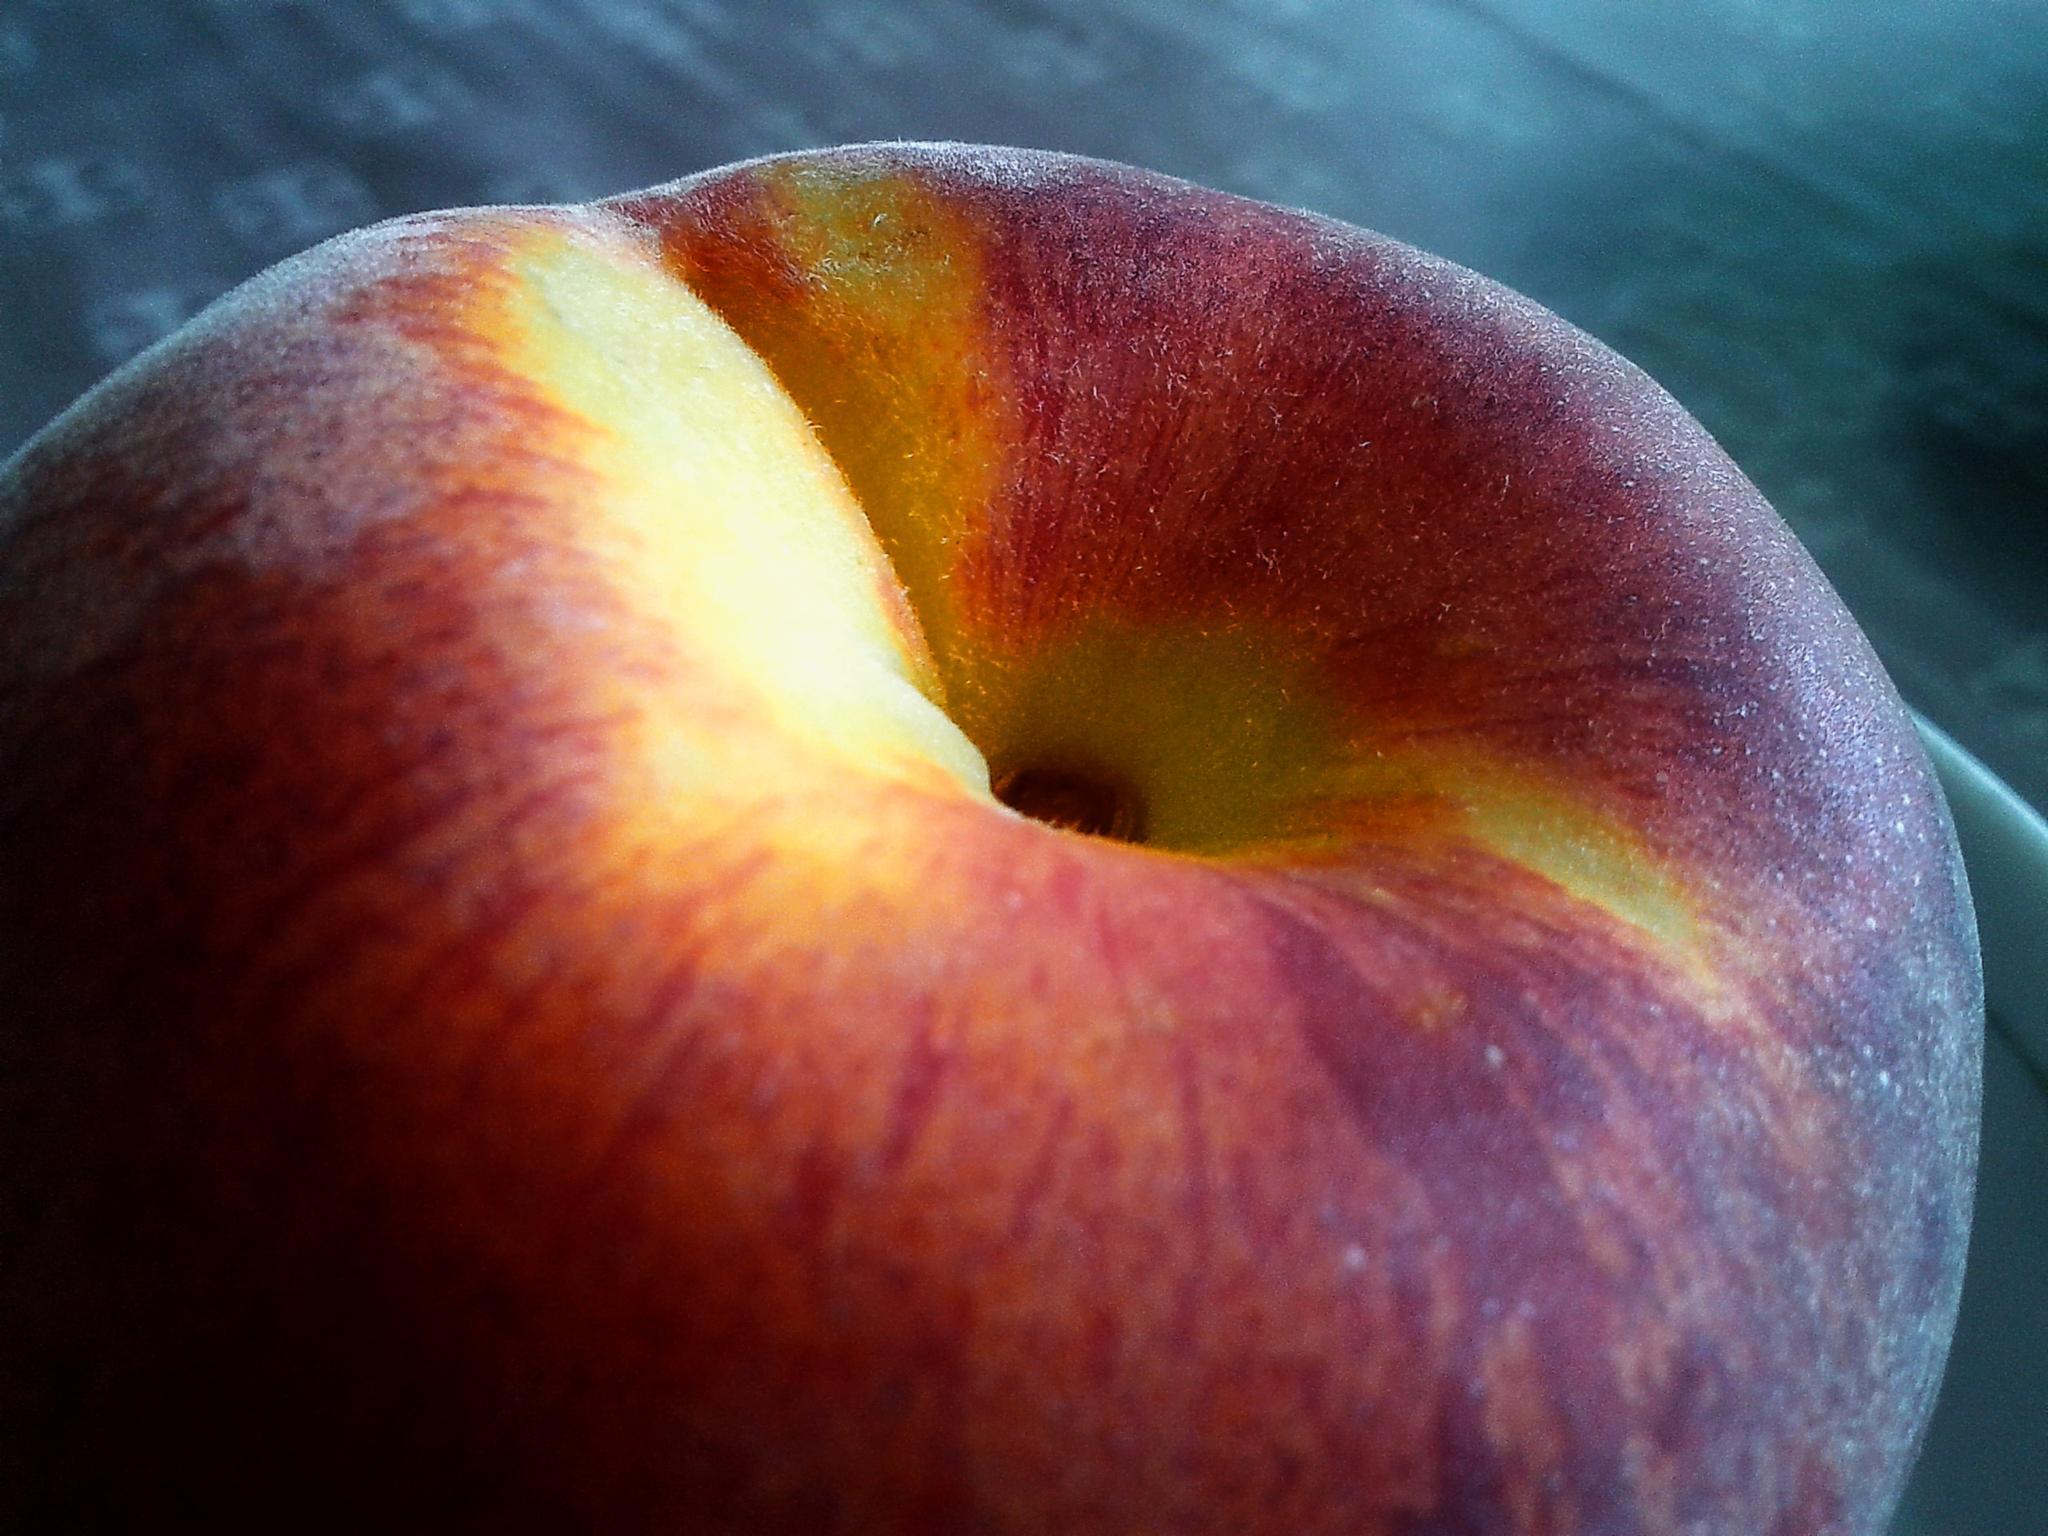 a peach by vlado žura